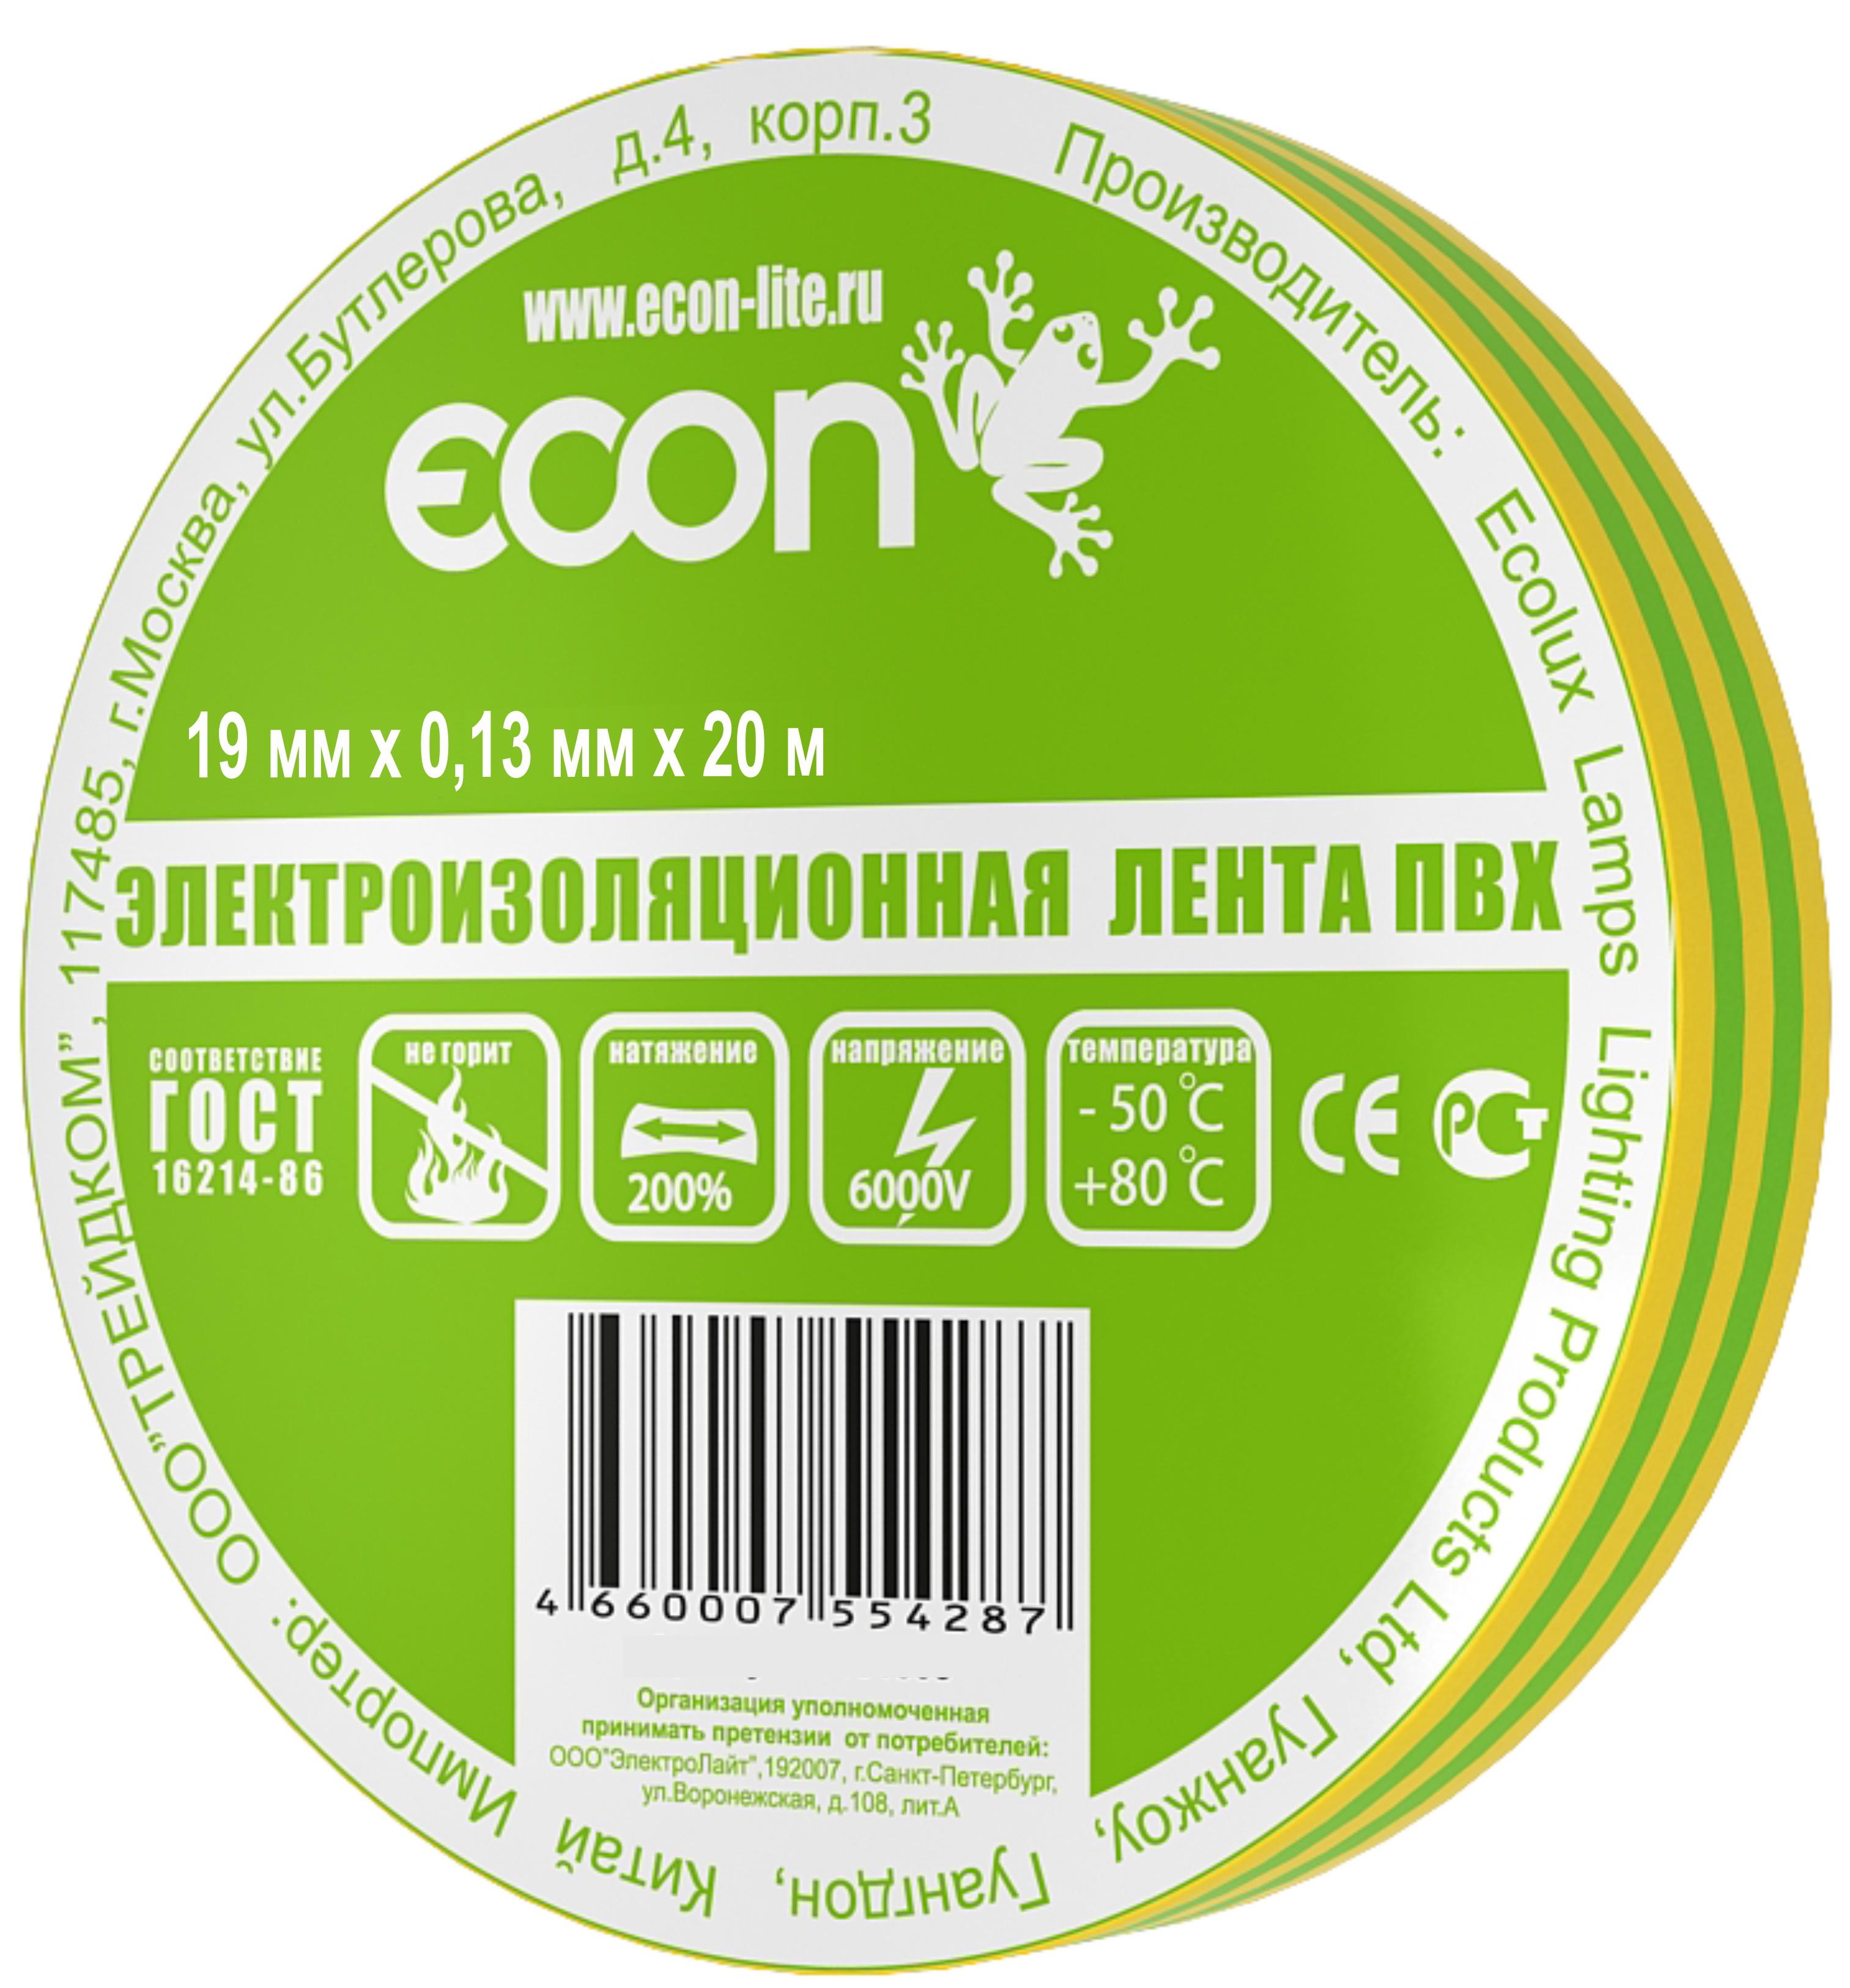 19/20  желто-зеленый 220 Вольт 34.000